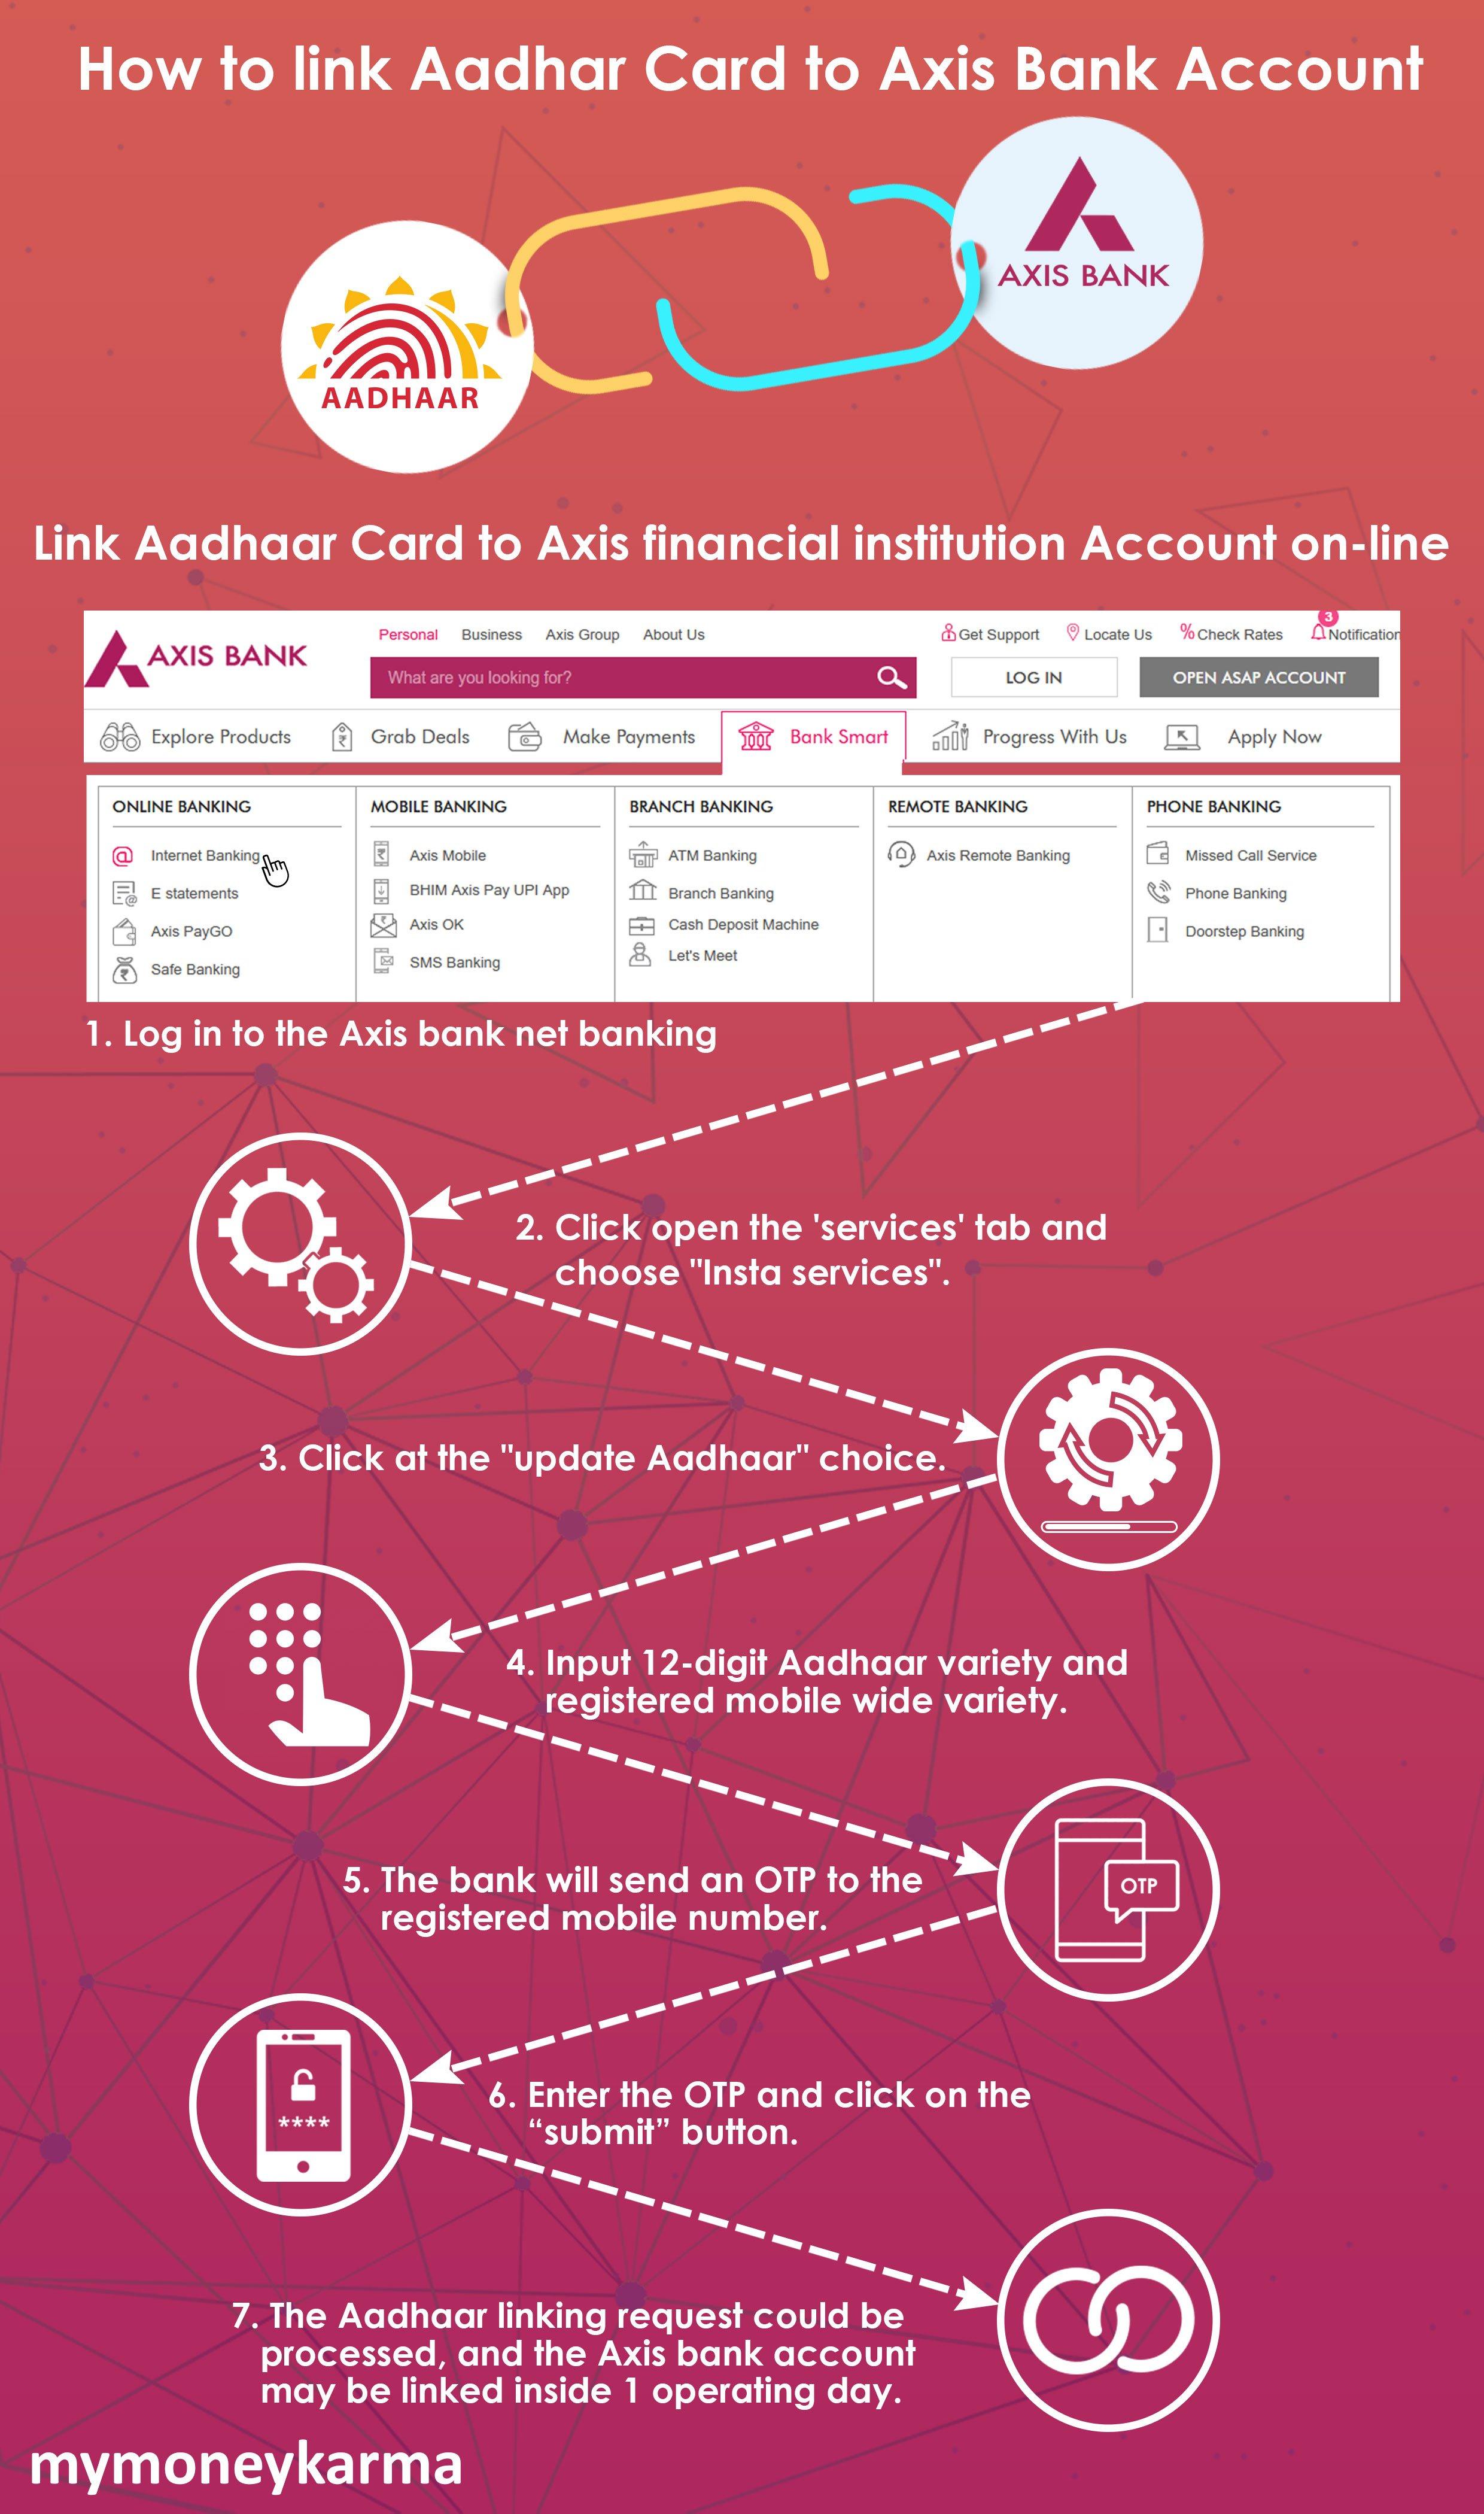 axis bank account link aadhar card